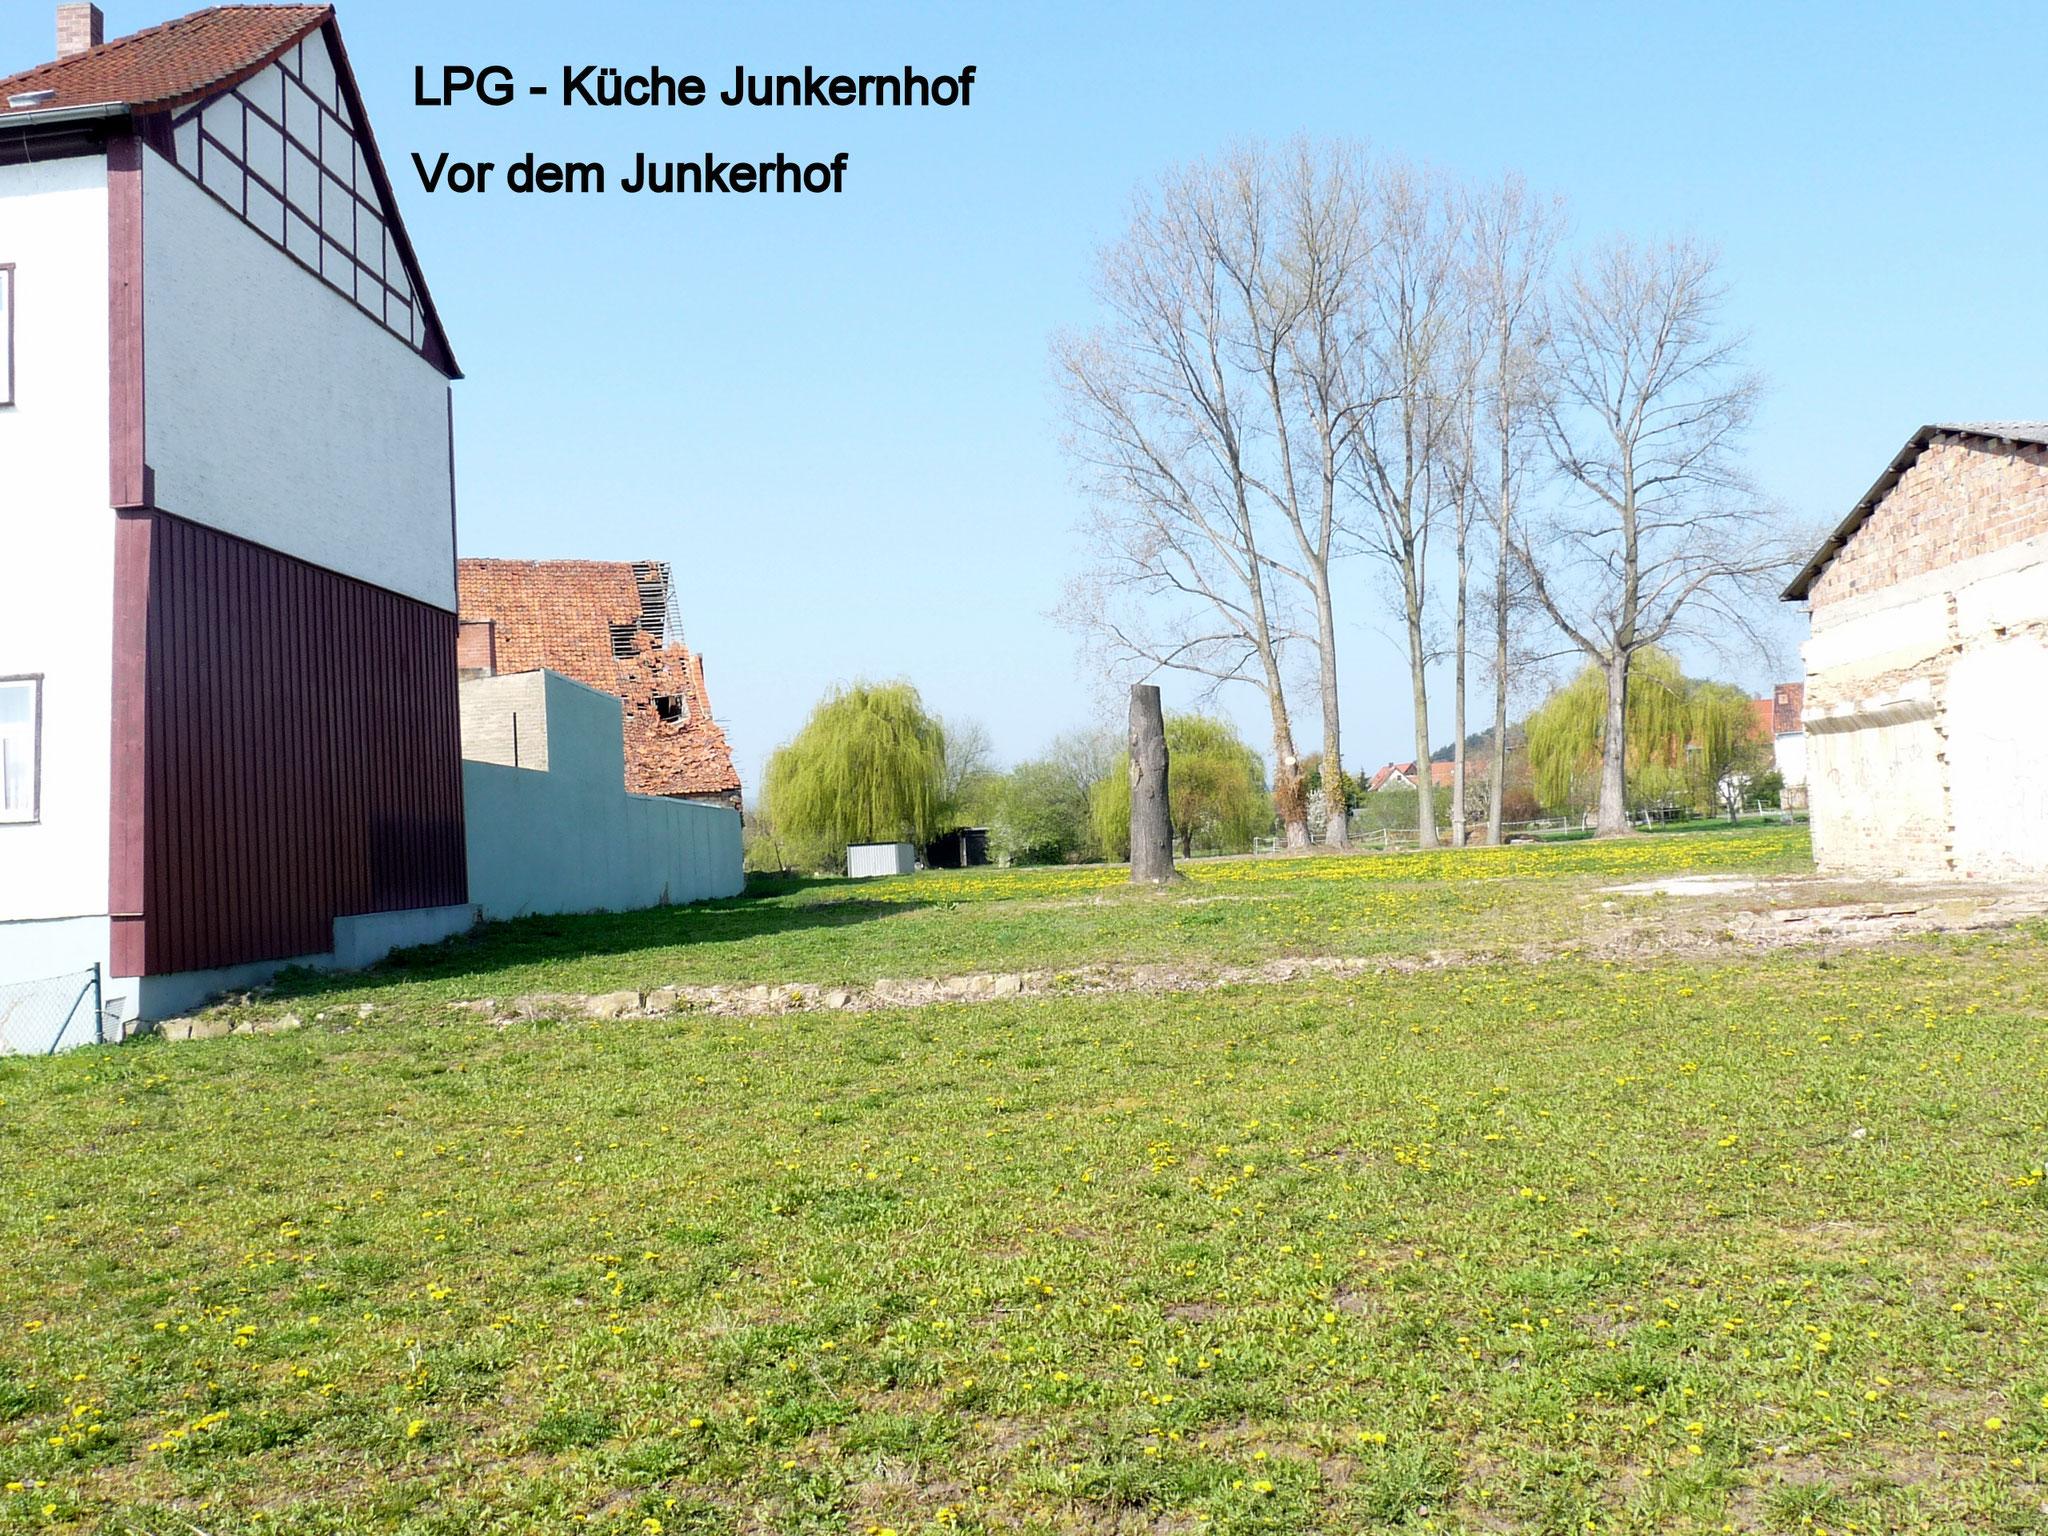 LPG-Küche Junkernhof